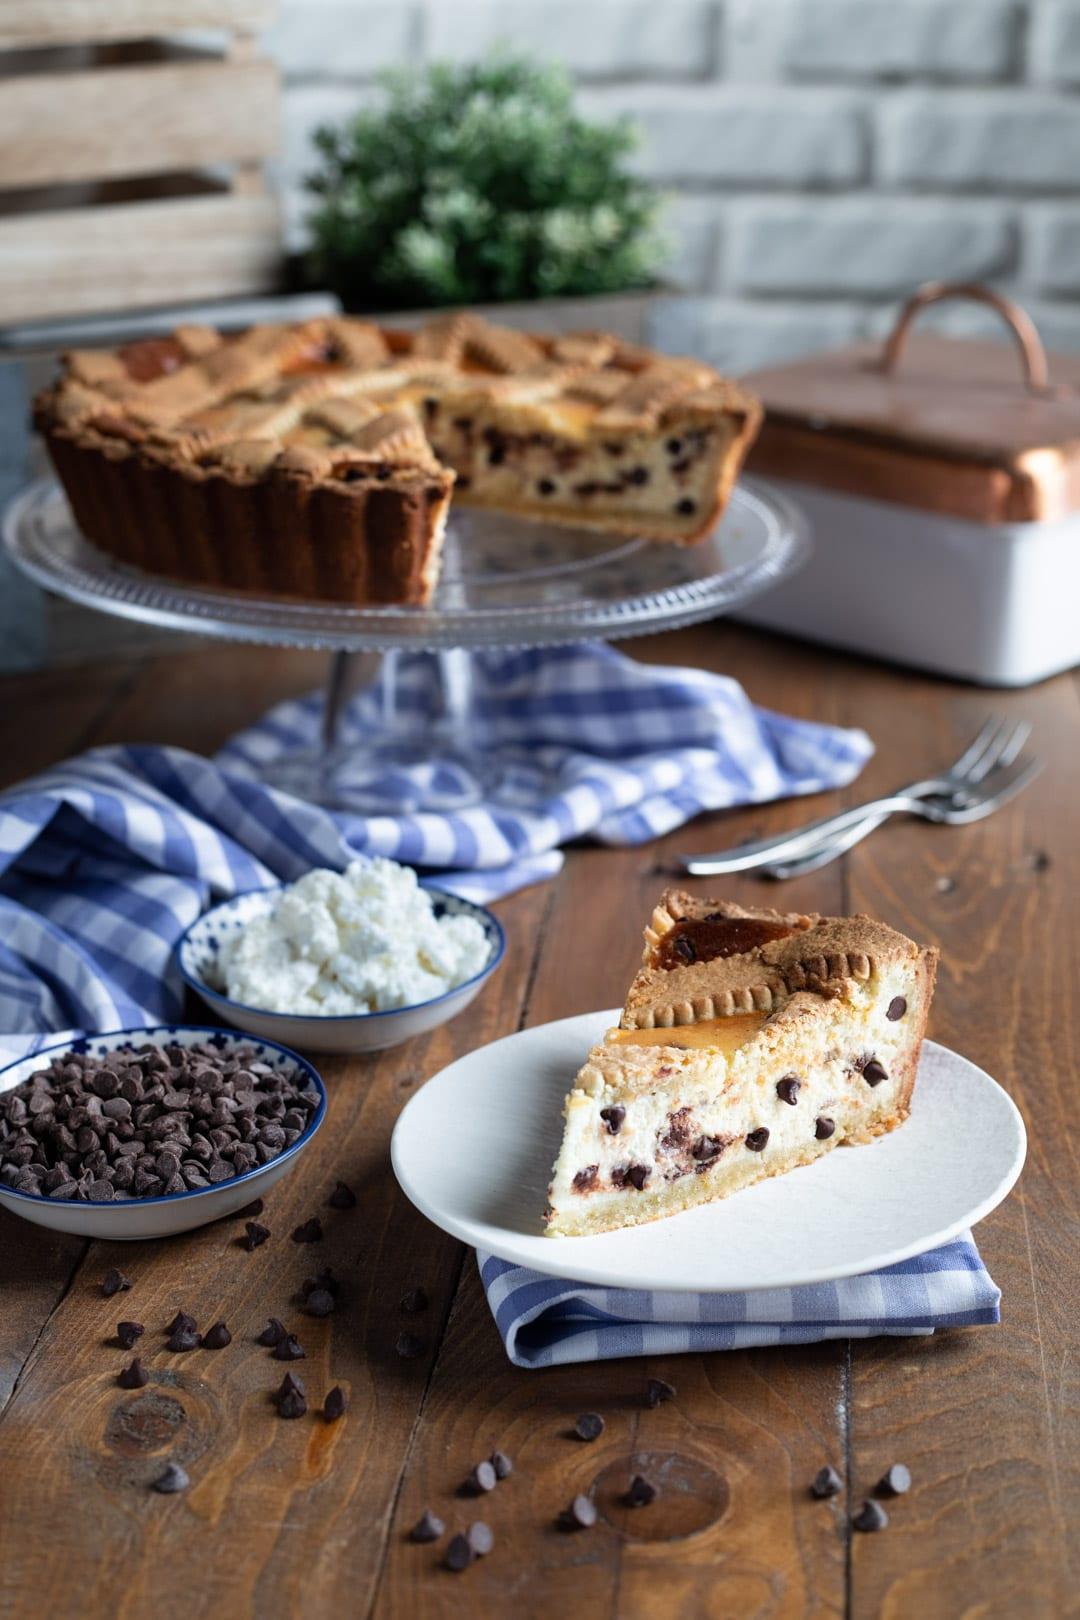 Crostata al mascarpone e gocce di cioccolato, una bella fetta ancora tiepida